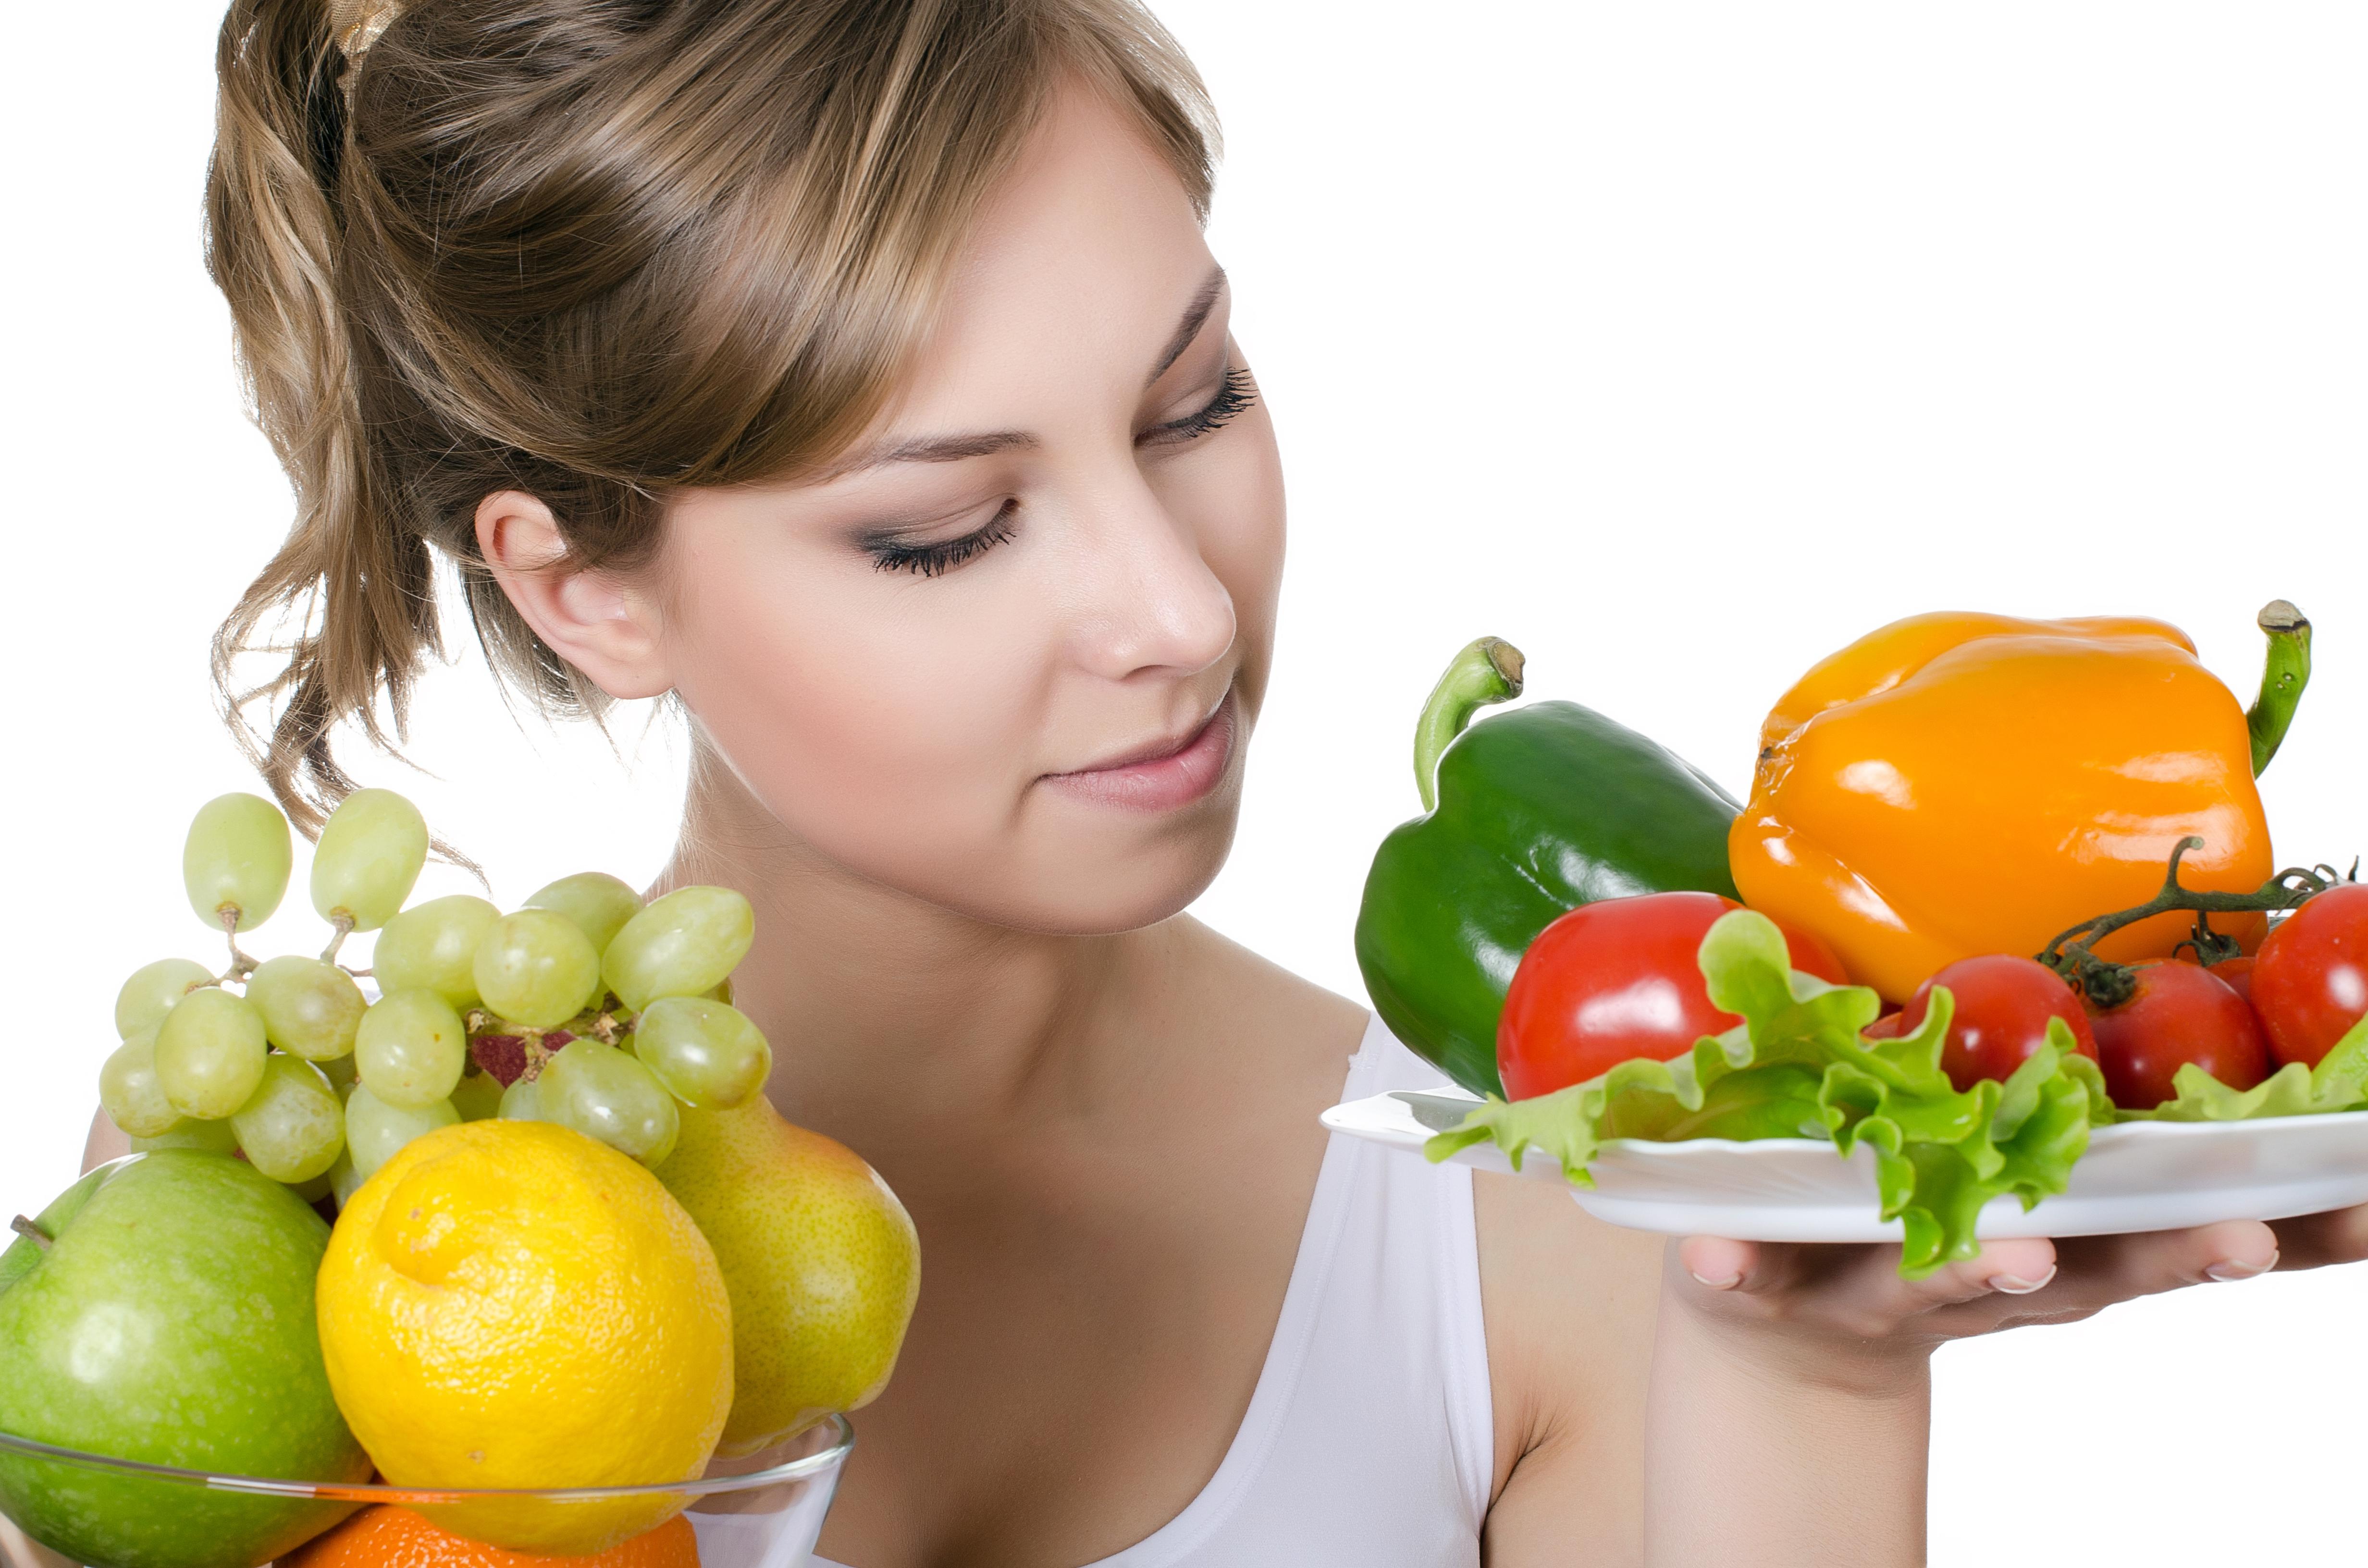 Hızlı Ve Sağlıklı Kilo Vermek İçin 6 Beslenme Sırrı